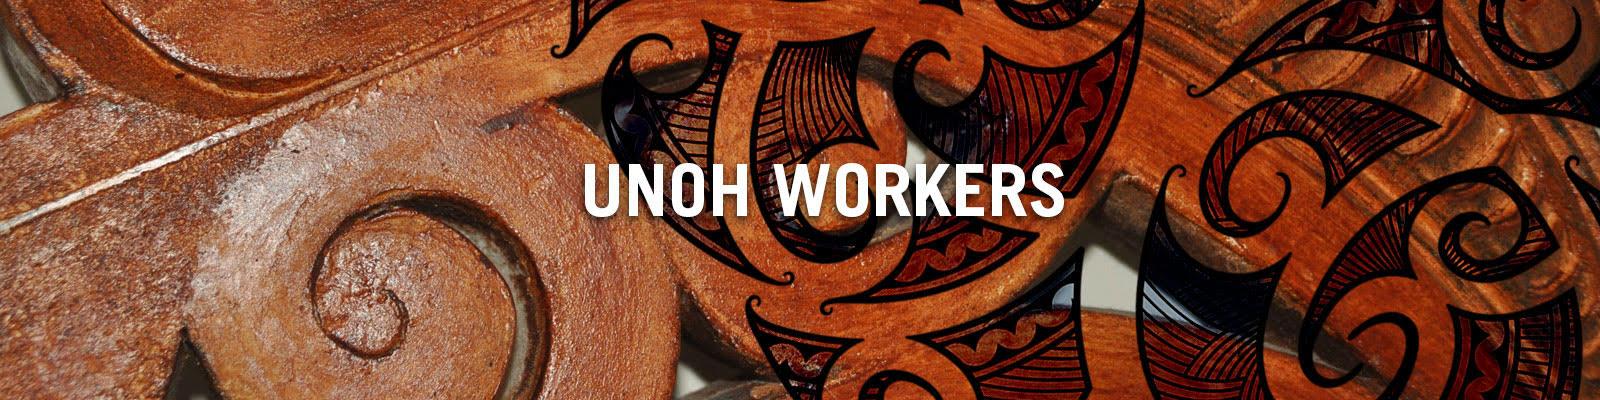 UNOH Workers